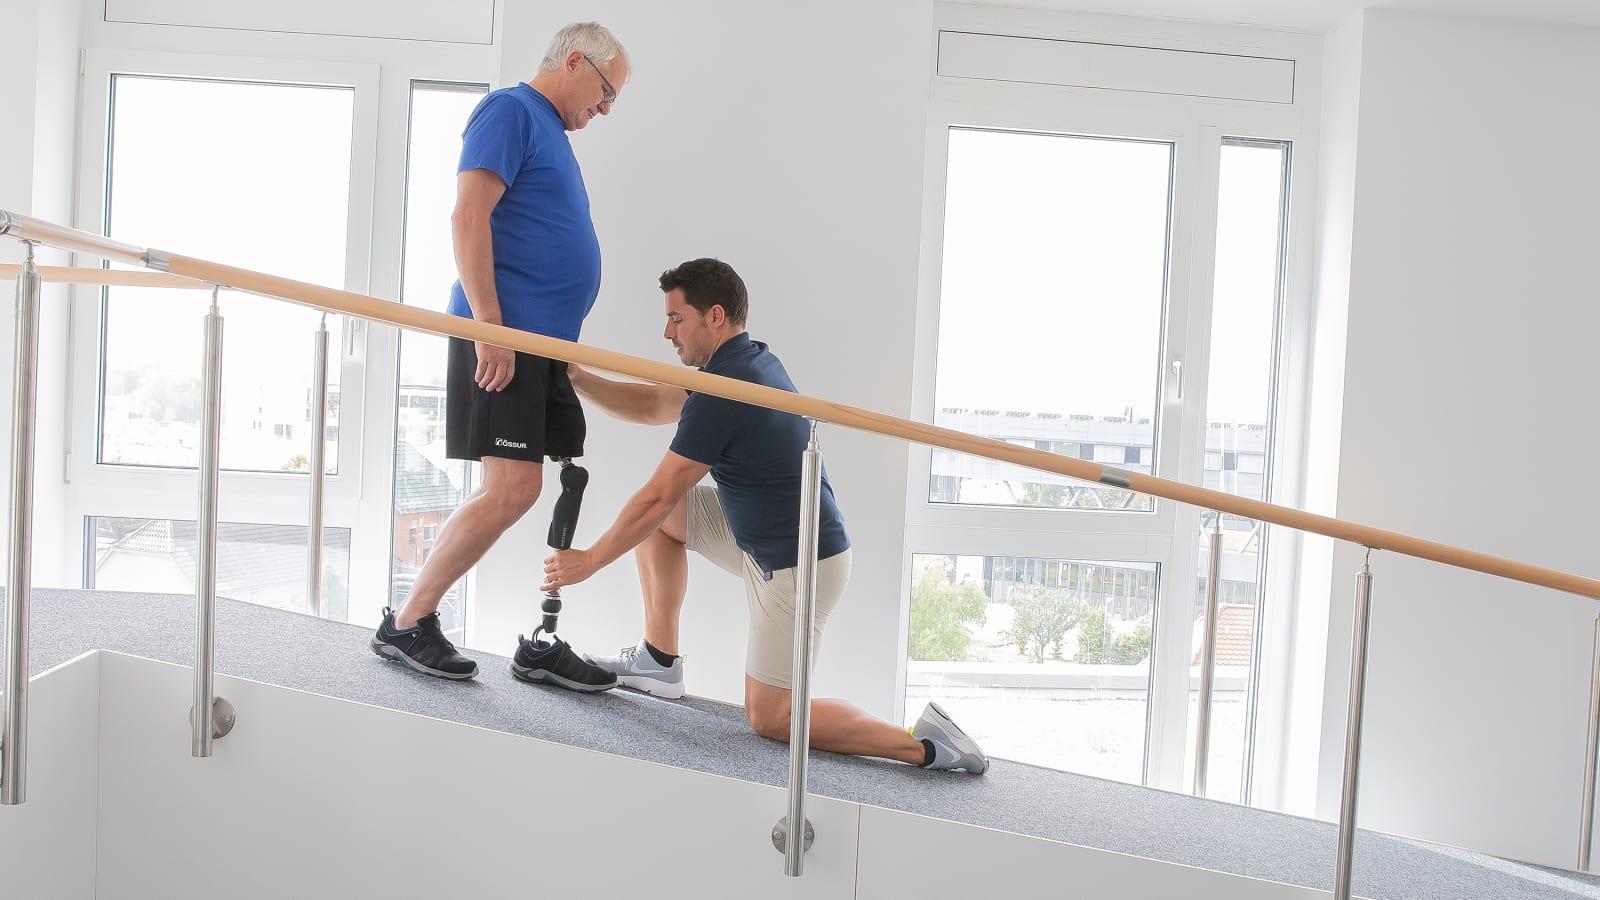 Therapeut und Prothesenträger auf einer Rampe während eines Anwendertrainings